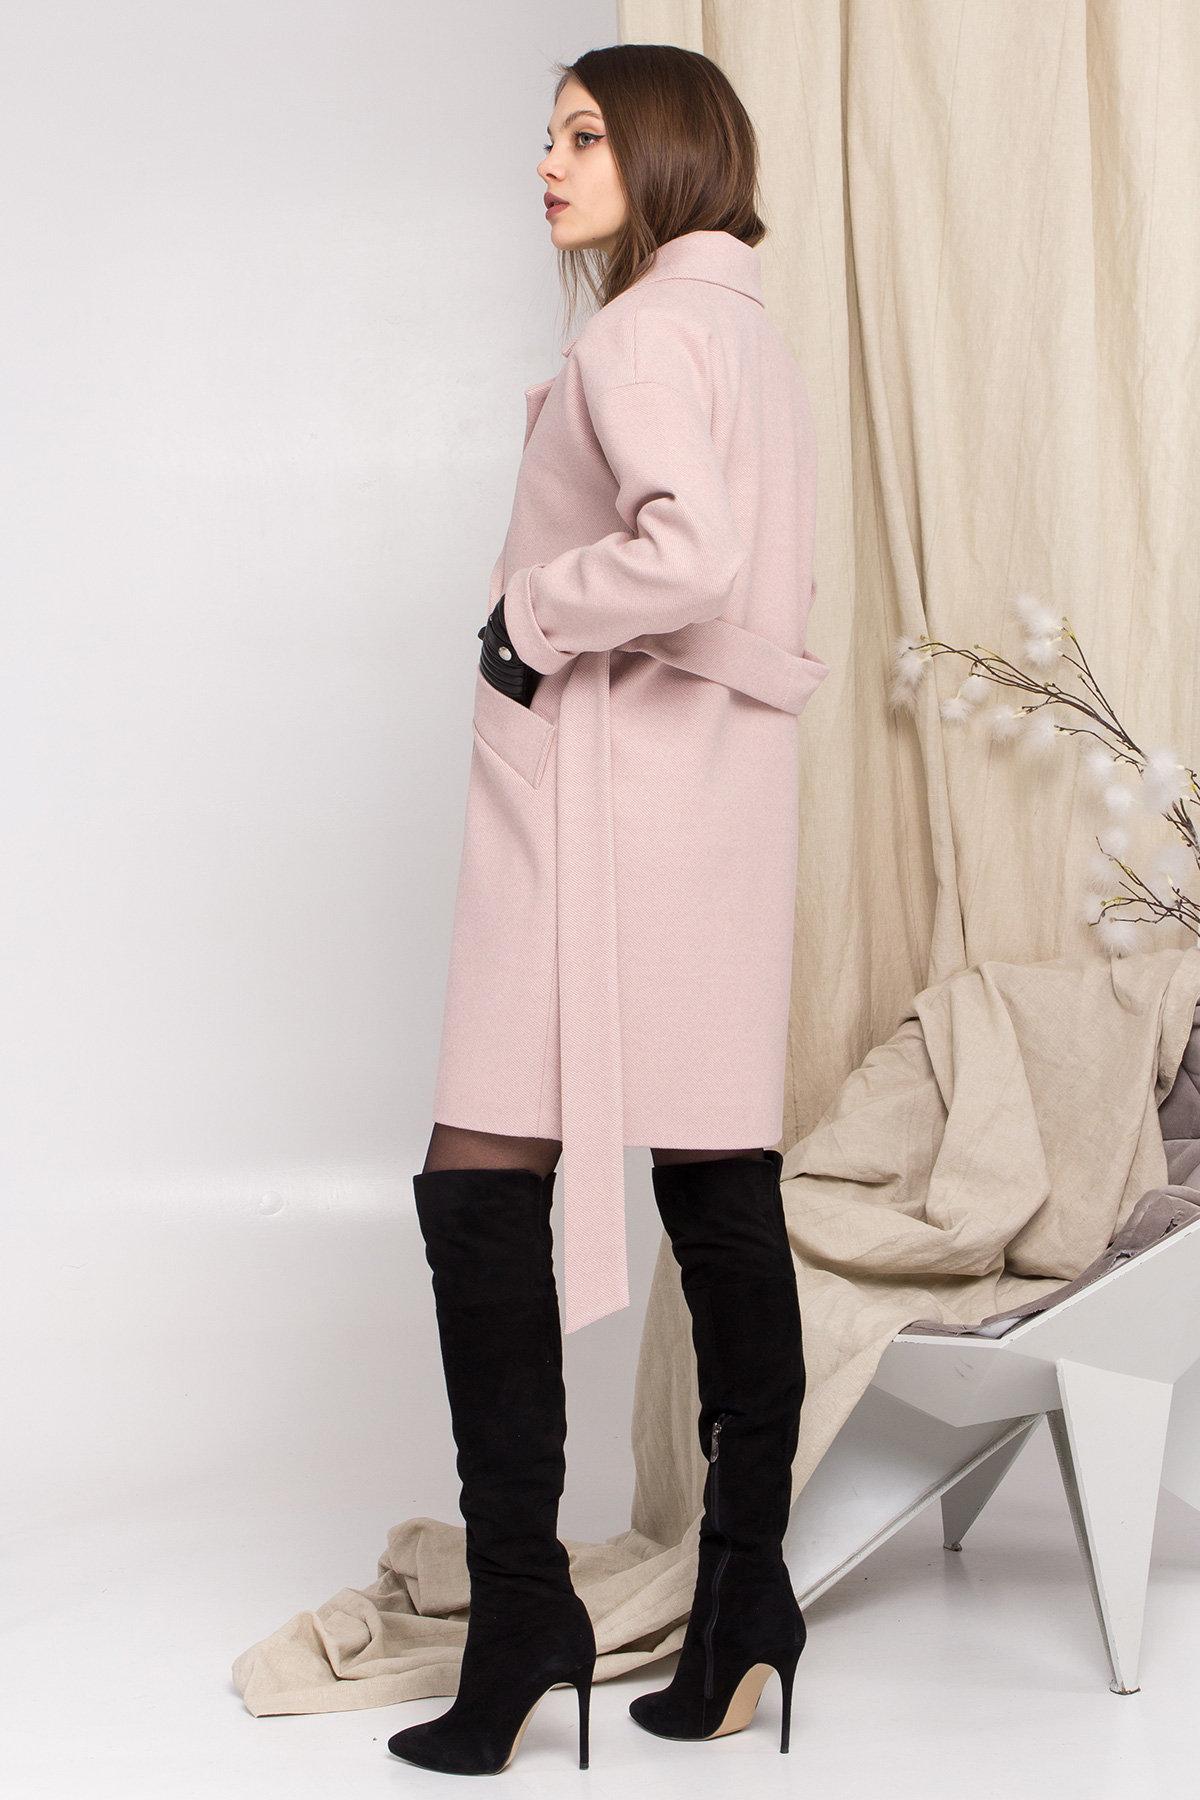 Пальто Сенсей 8907 АРТ. 45220 Цвет: Пудра - фото 2, интернет магазин tm-modus.ru